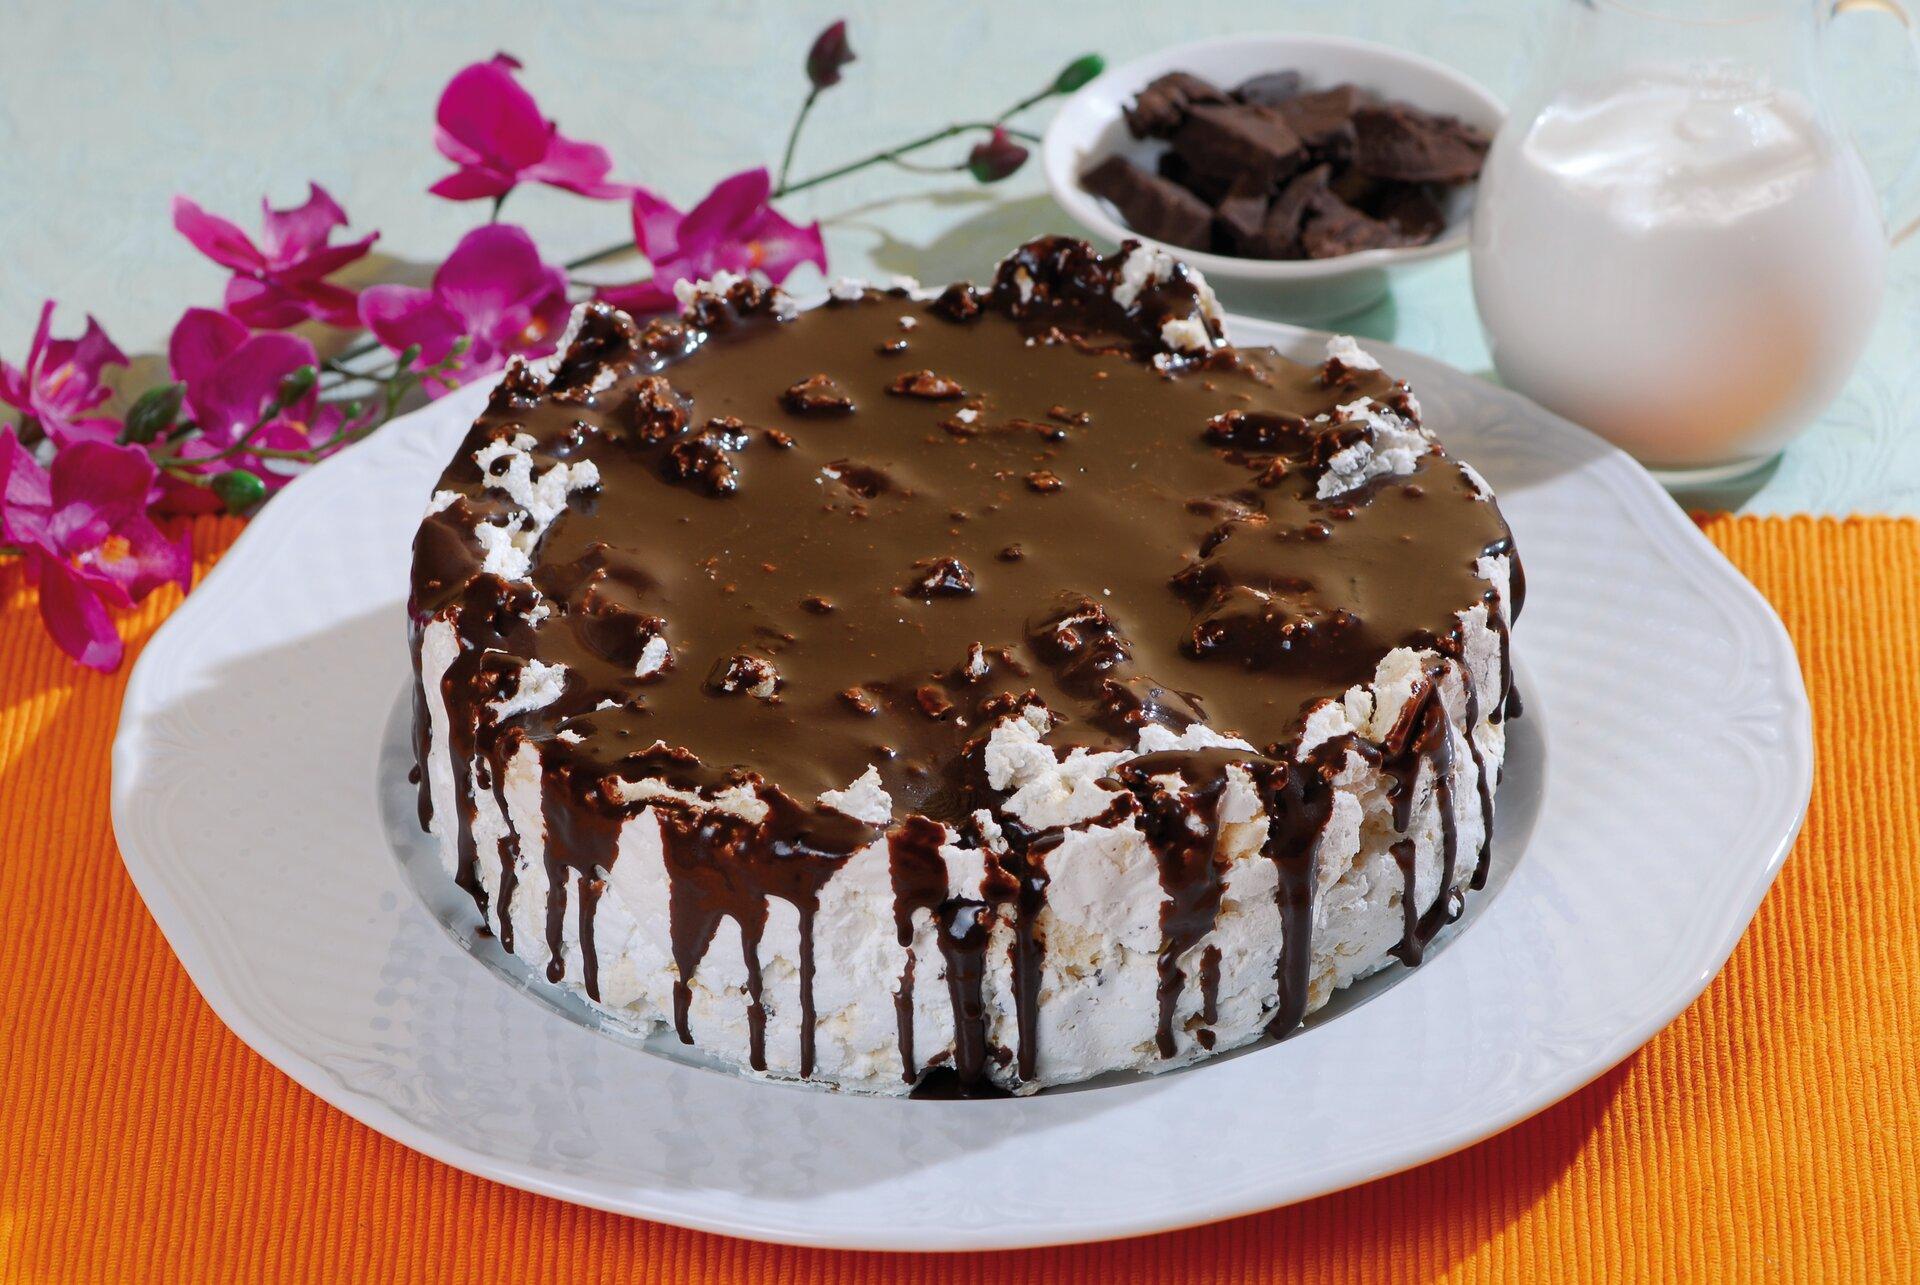 Ricetta Meringhe Cioccolato.Ricetta Meringata Al Cioccolato Agrodolce